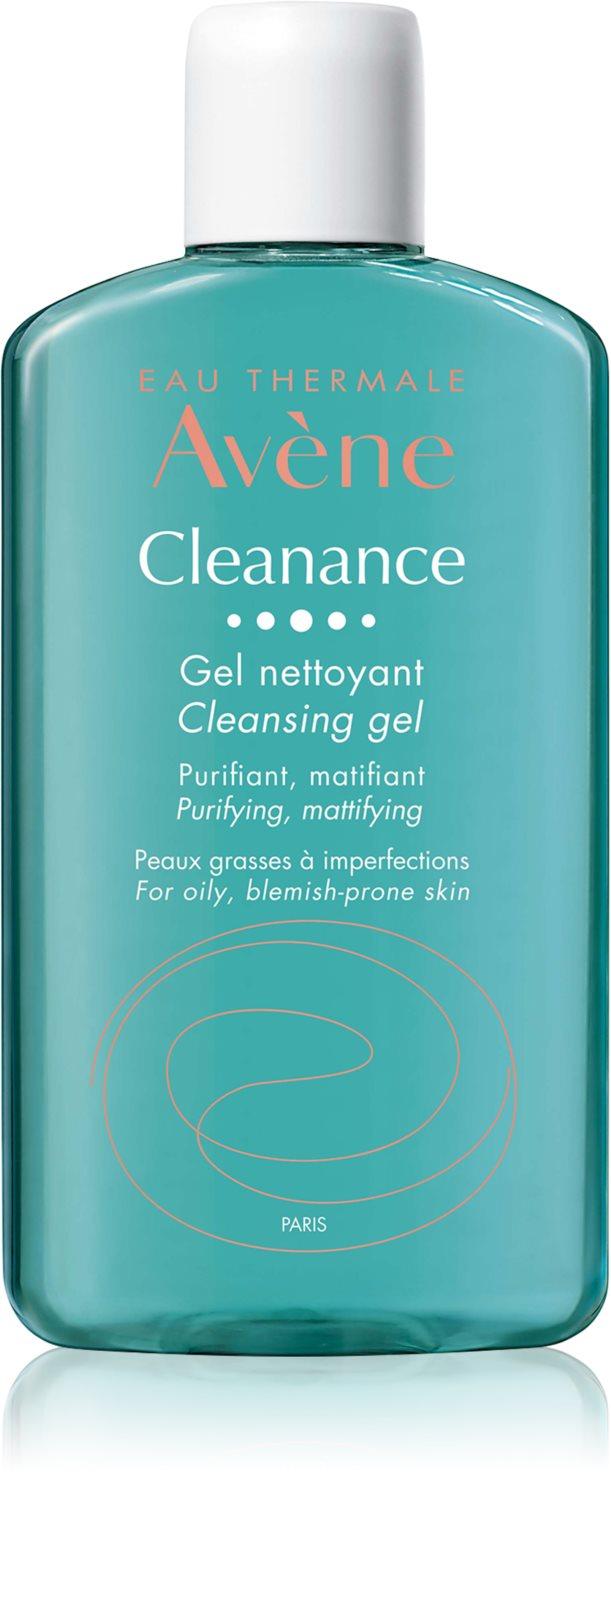 Gel de curatare pentru ten gras cu tendinta acneica Cleanance, 200 ml, Avene